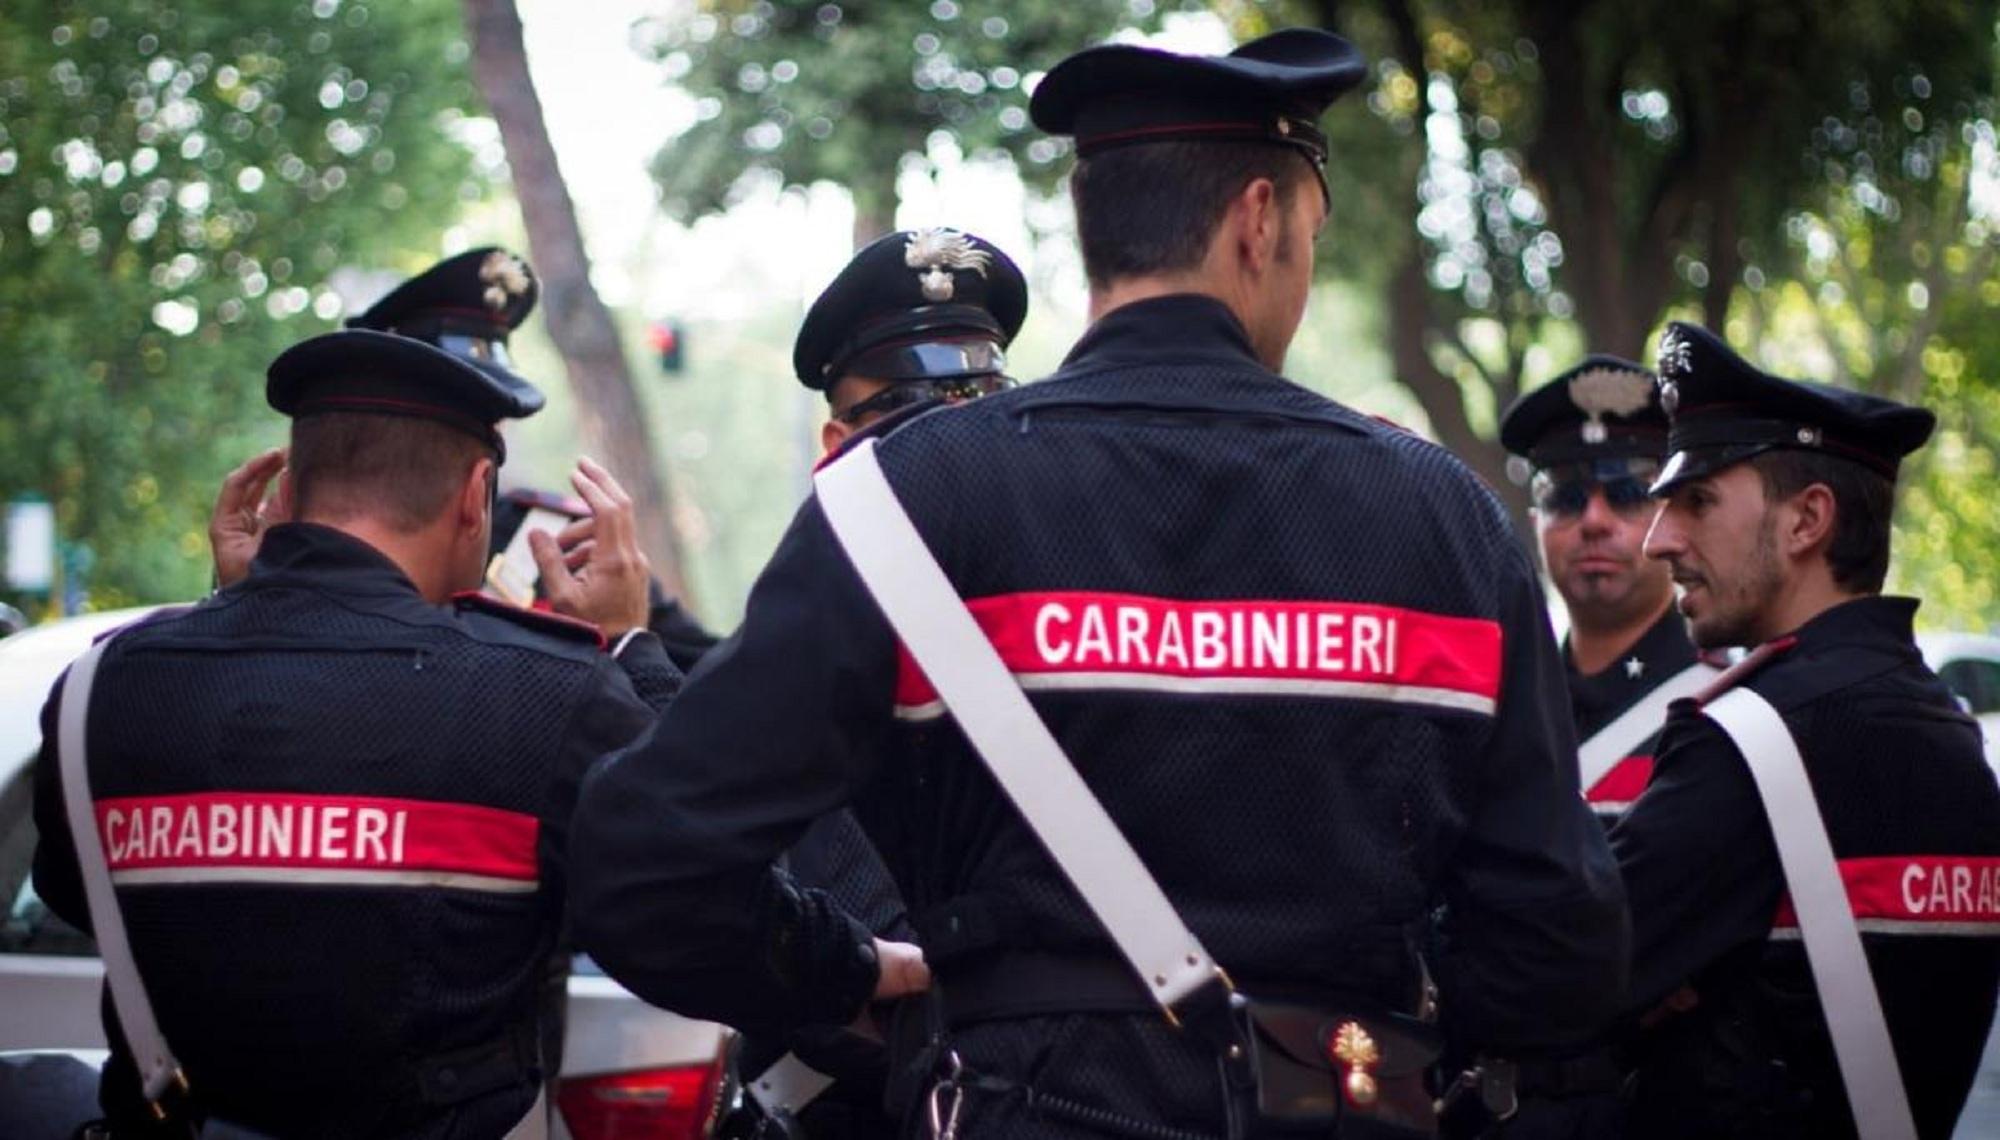 Il Sindacato Militare Arma dei Carabinieri contro i suicidi nelle forze di Polizia